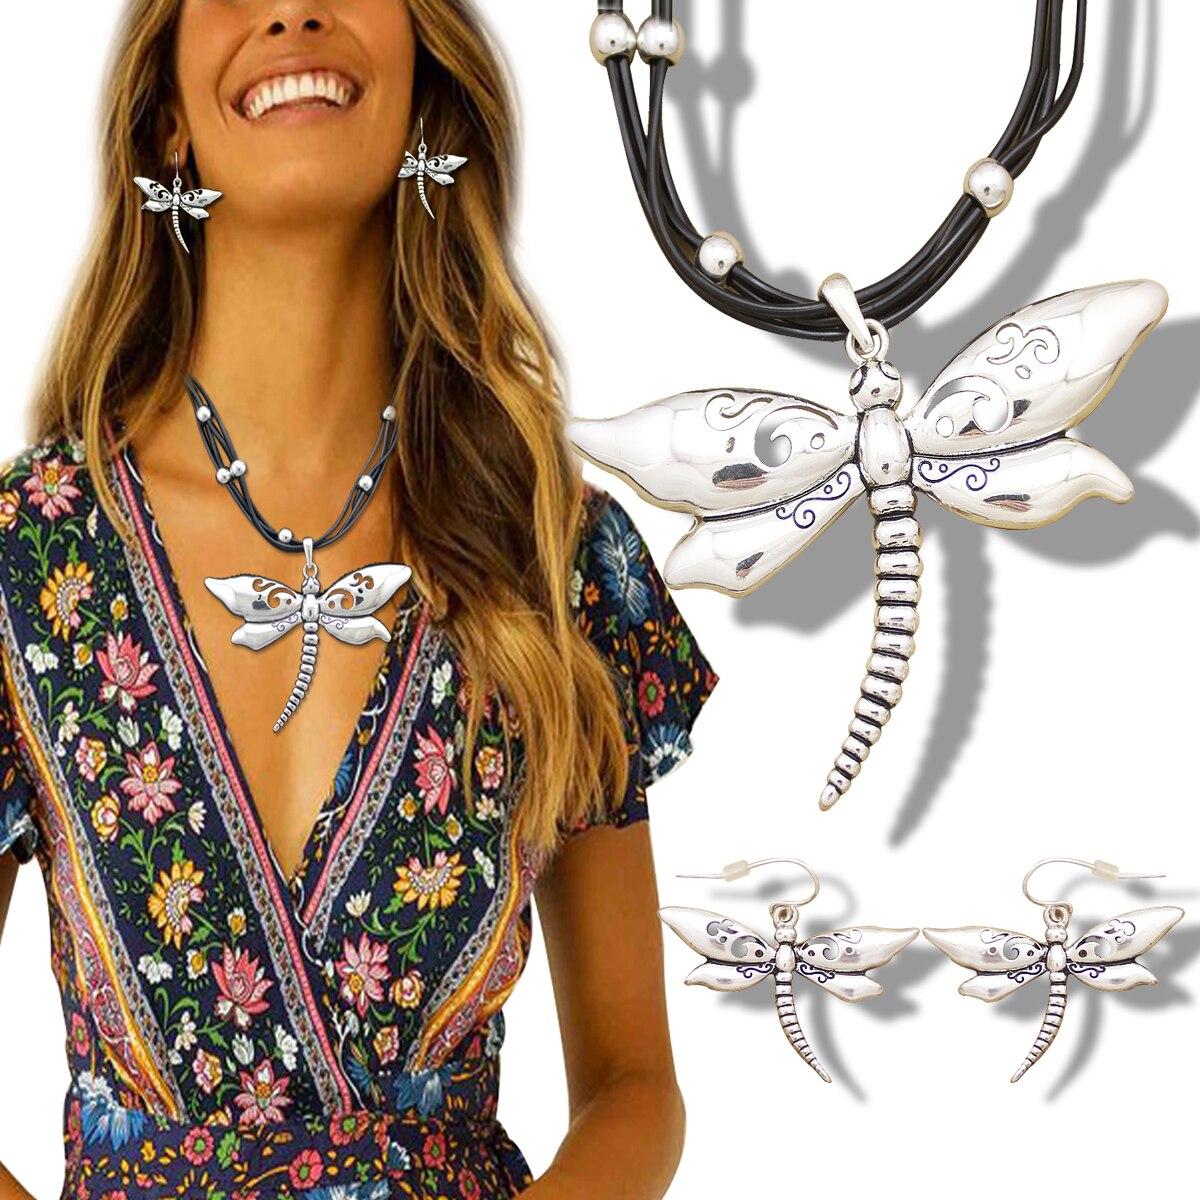 Grand tourbillon libellule boucles d'oreilles Collier ensemble en cuir chaîne Art Nouveau Collier victorien déclaration Collier pour femmes bijoux Vint